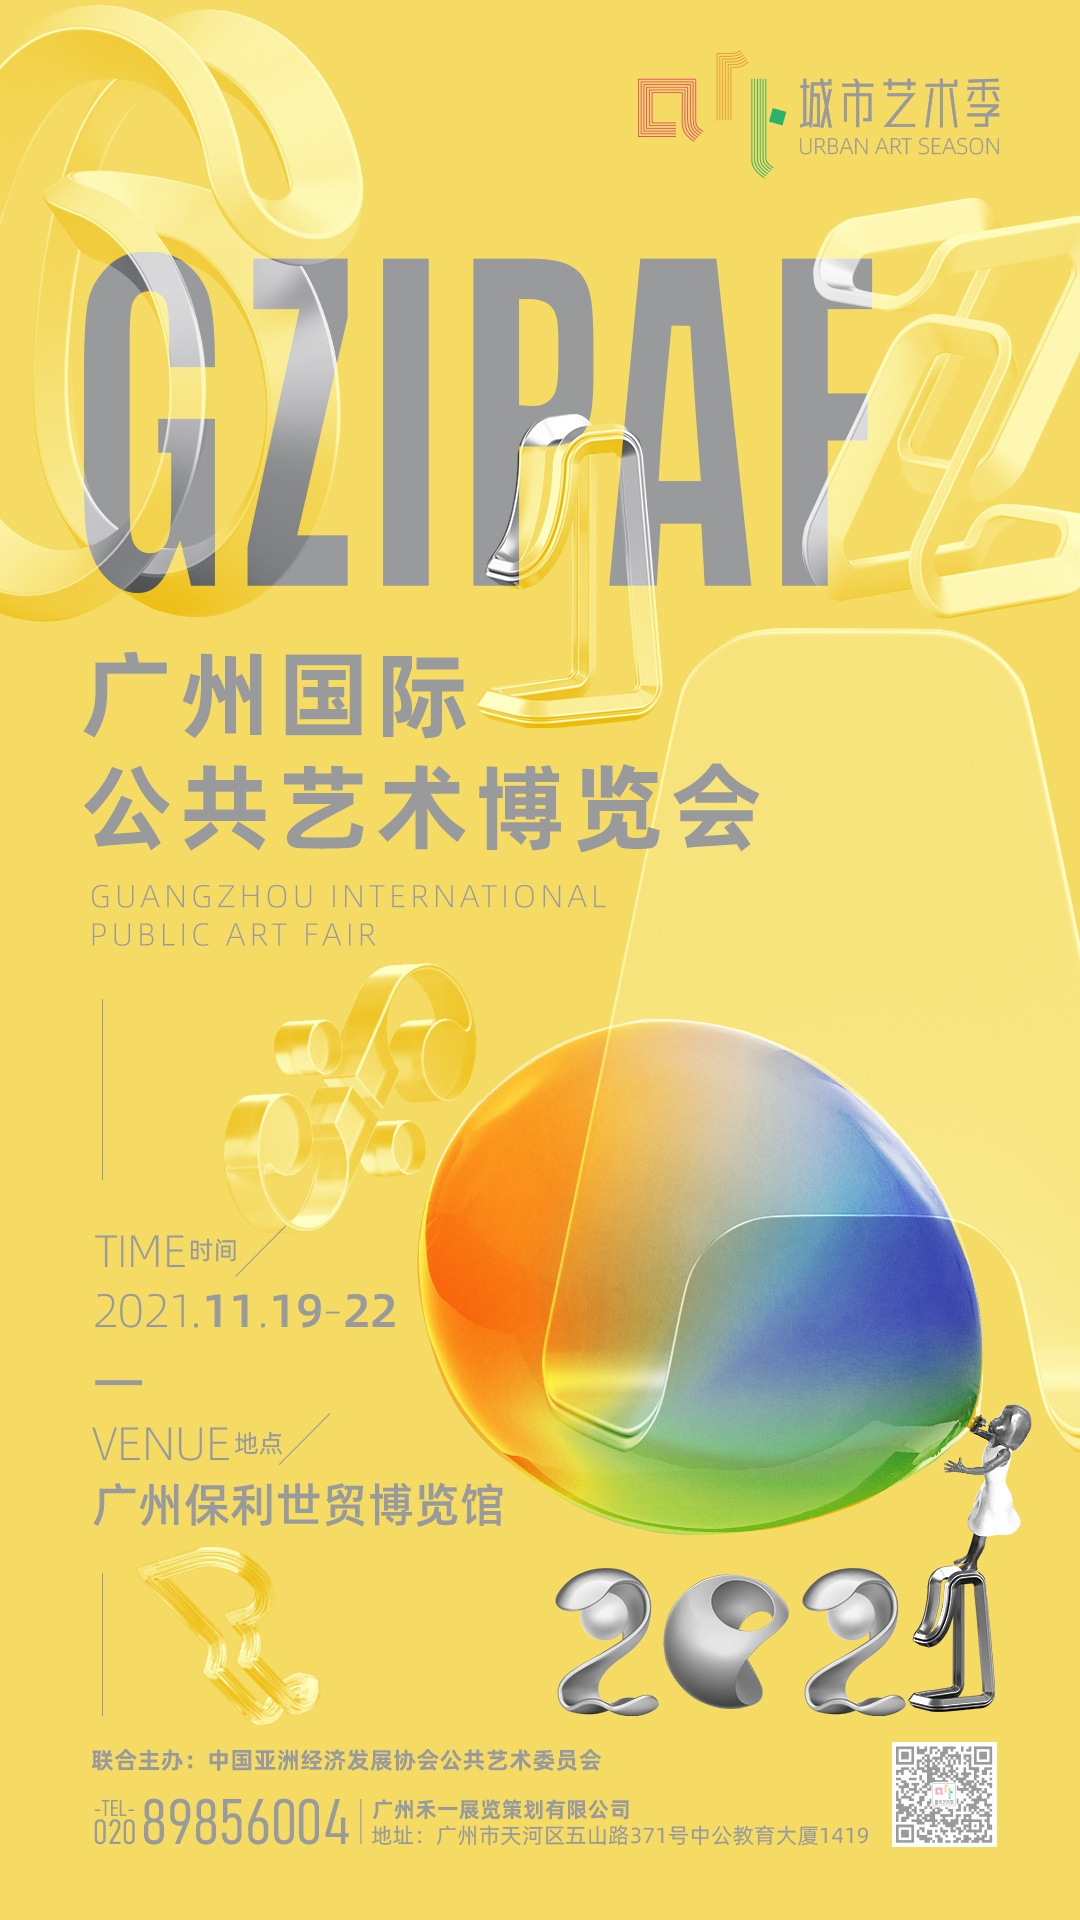 广州国际公共艺术博览会11月启幕